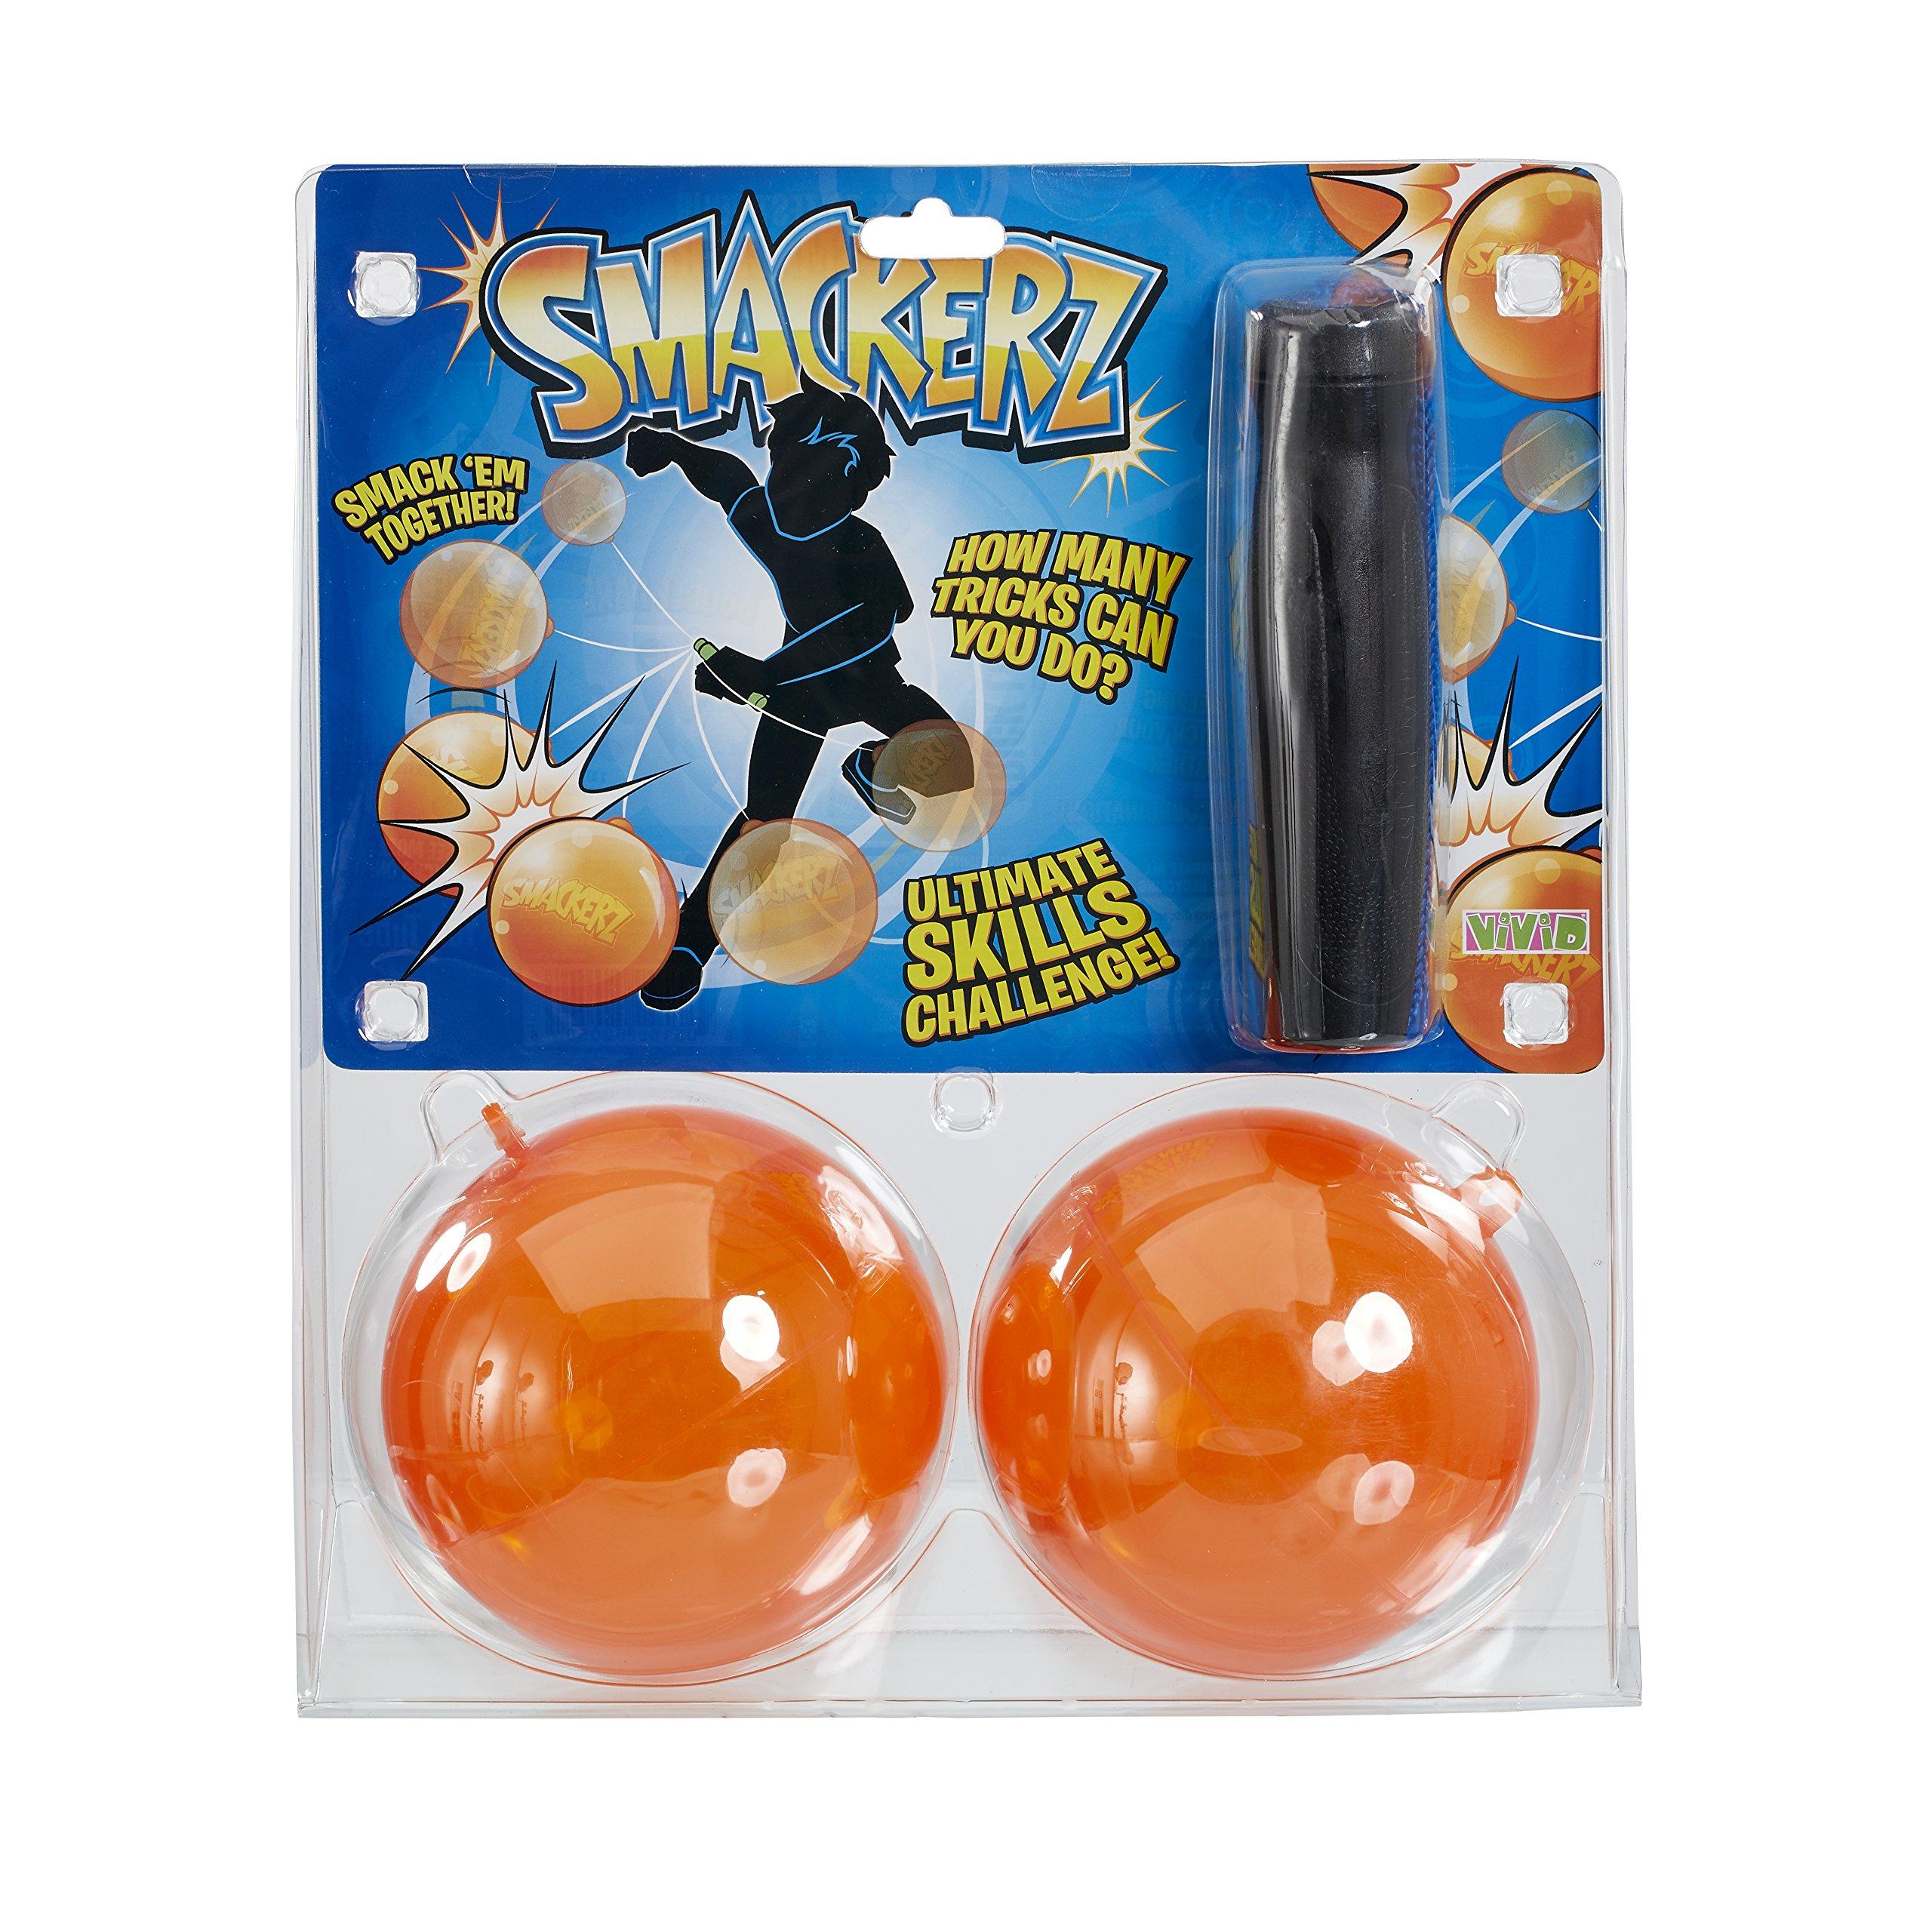 Hog Wild Smackerz Softball, Assorted Colors - image 6 de 9